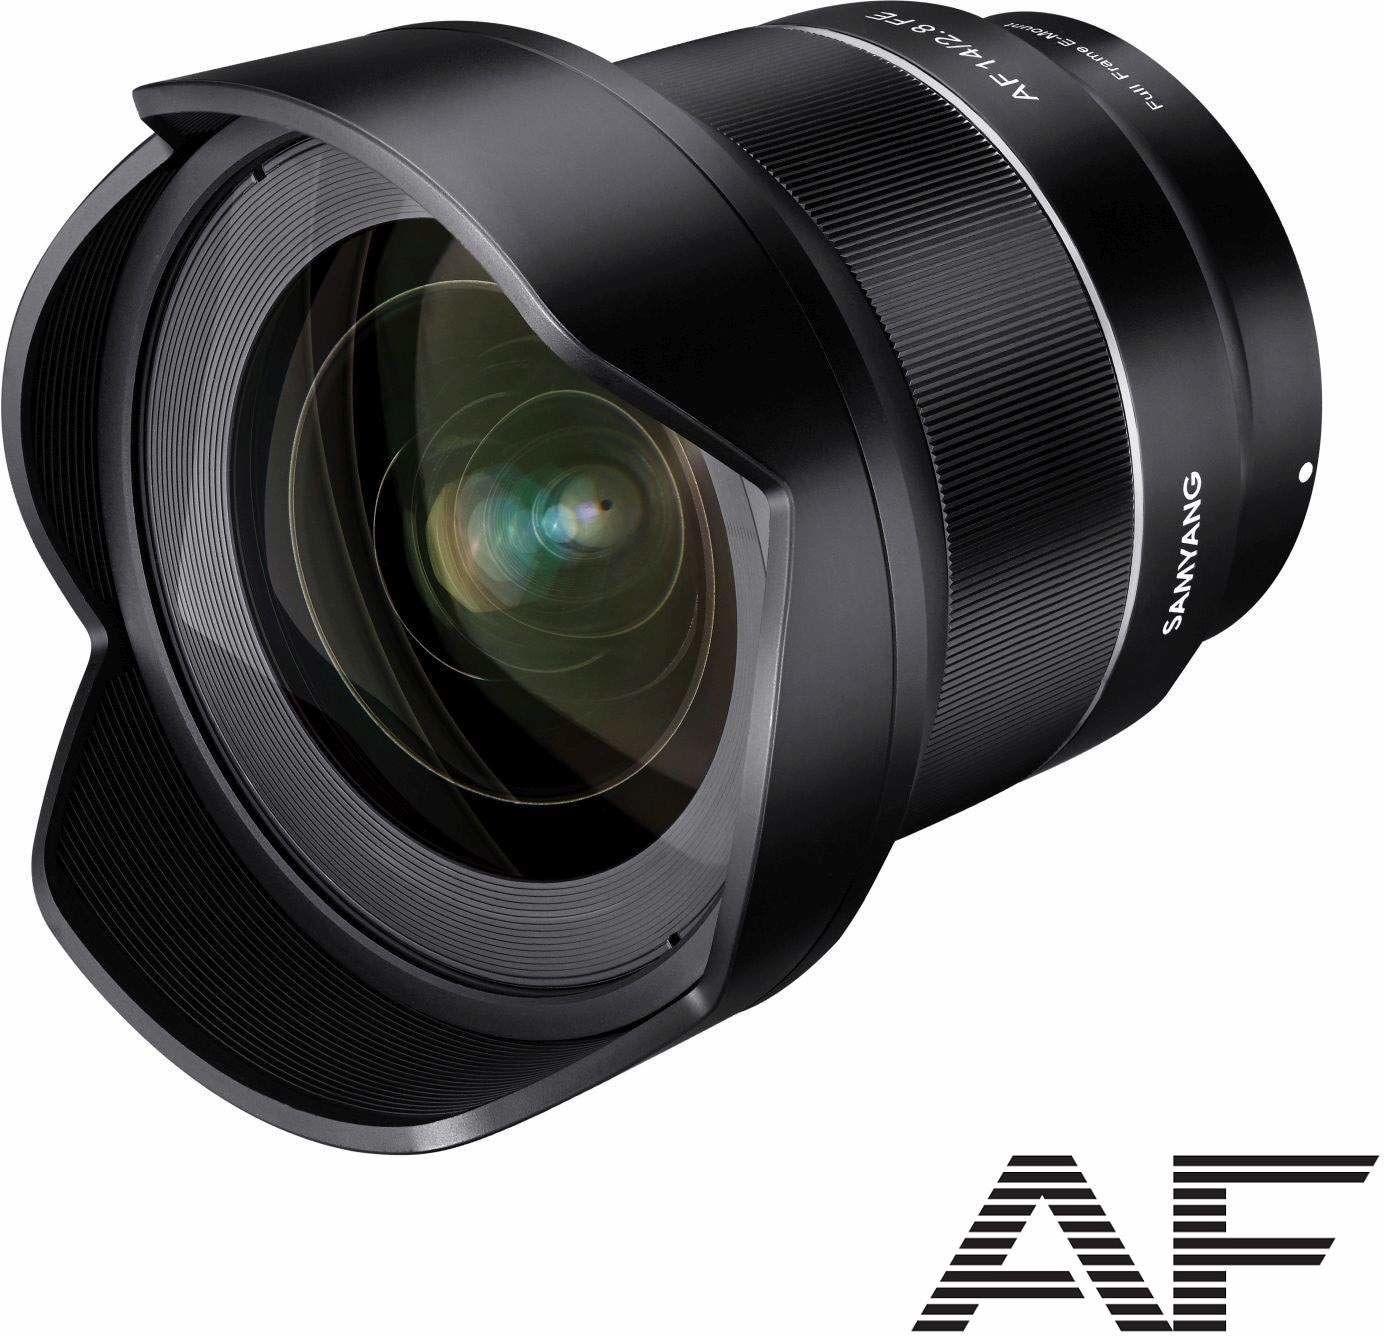 Samyang AF 14 mm F2.8 obiektyw autofokus do Sony FE